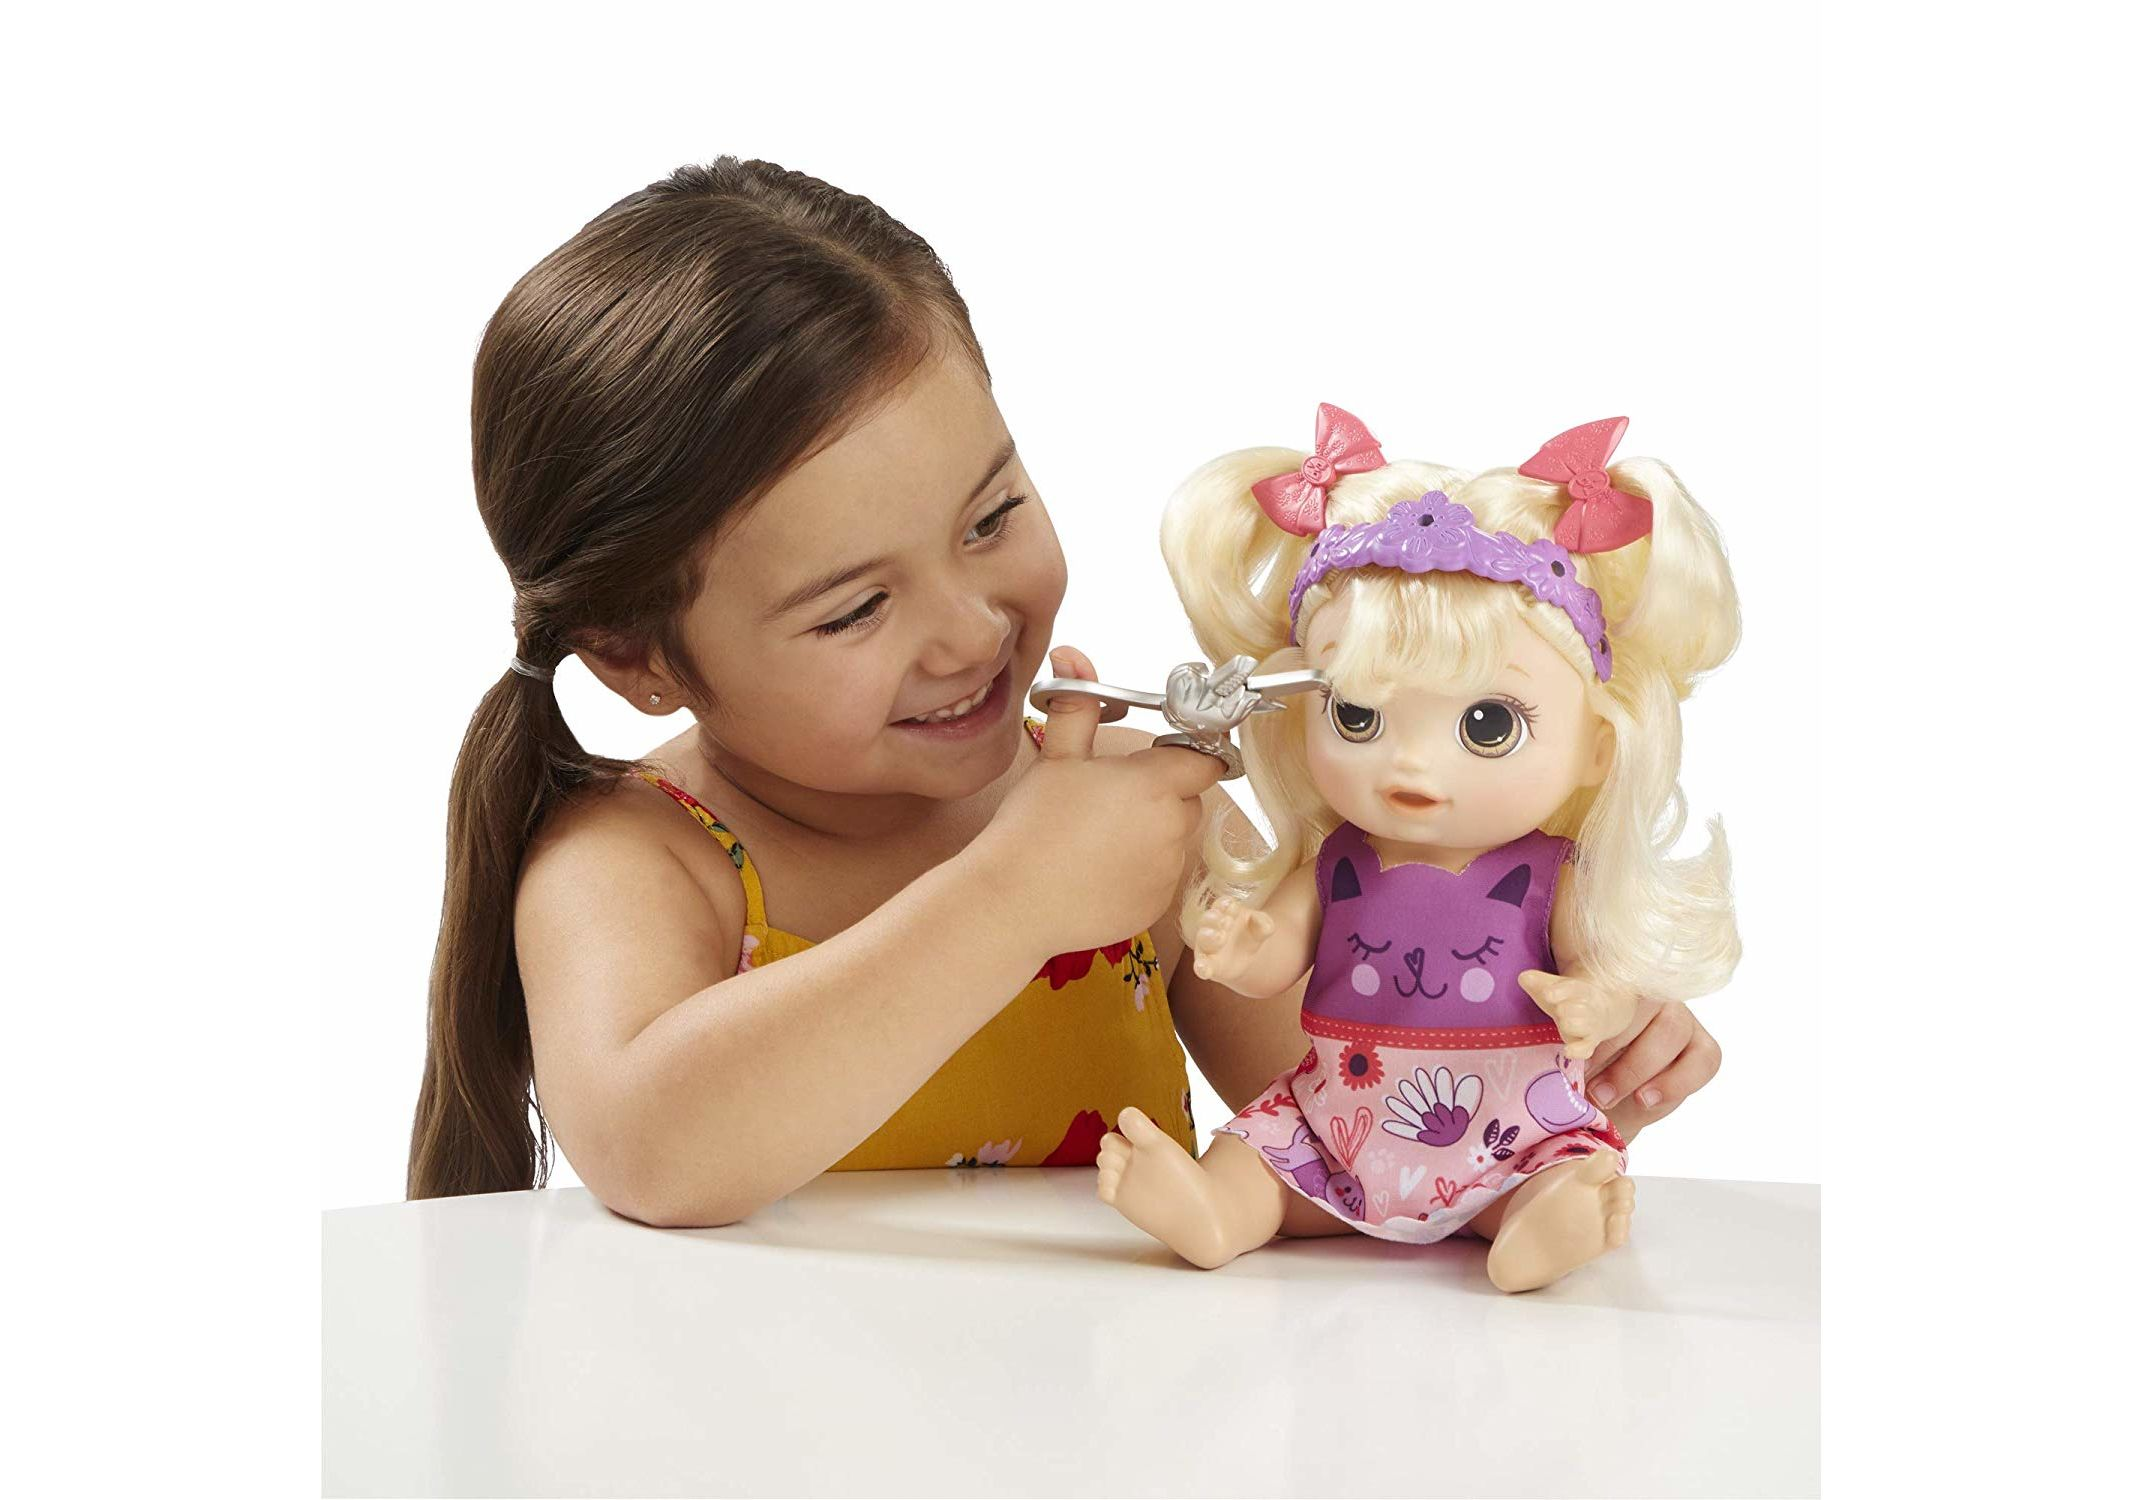 ۸ وعده غذای عروسک ۲۶۵ هزار تومان! + عکس